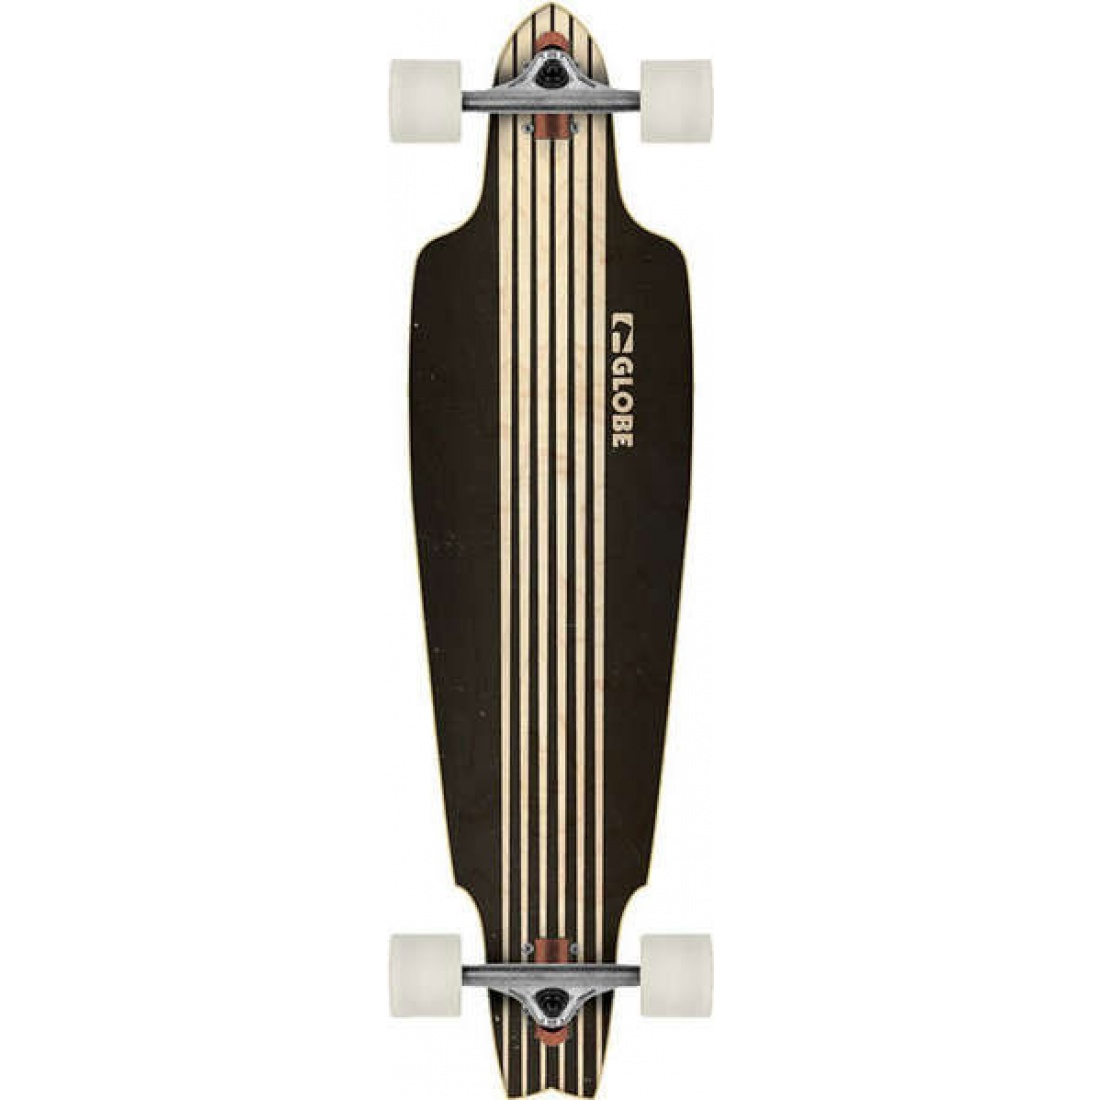 GLB-Prowler Black 38 Longboard